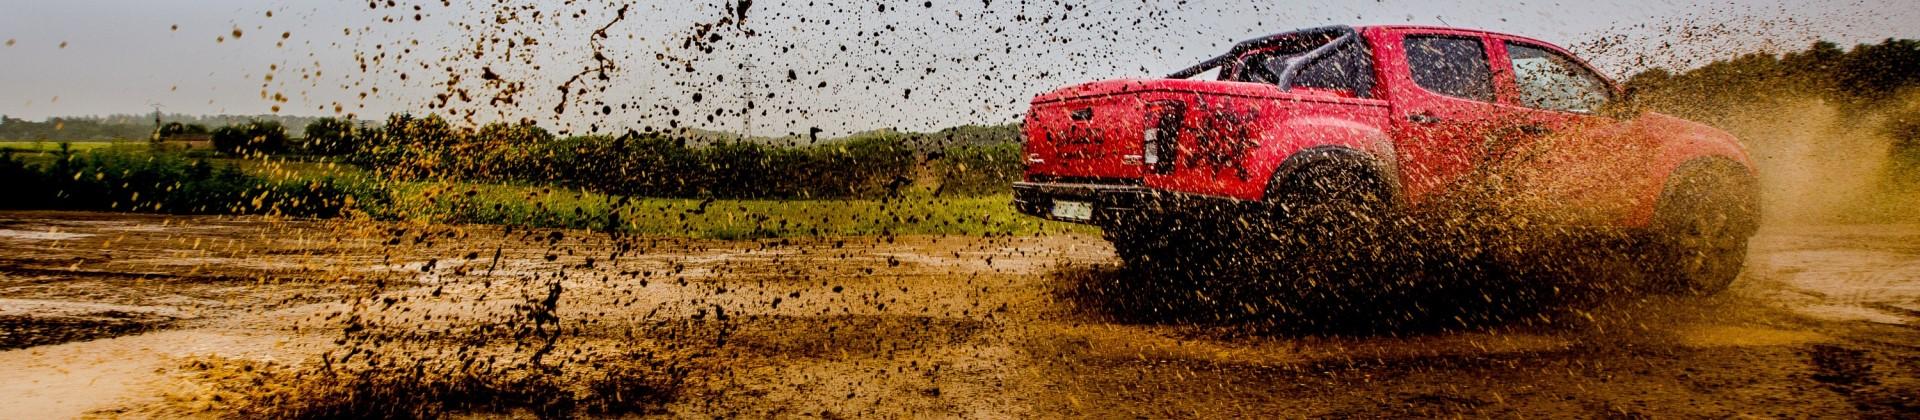 truck mudding